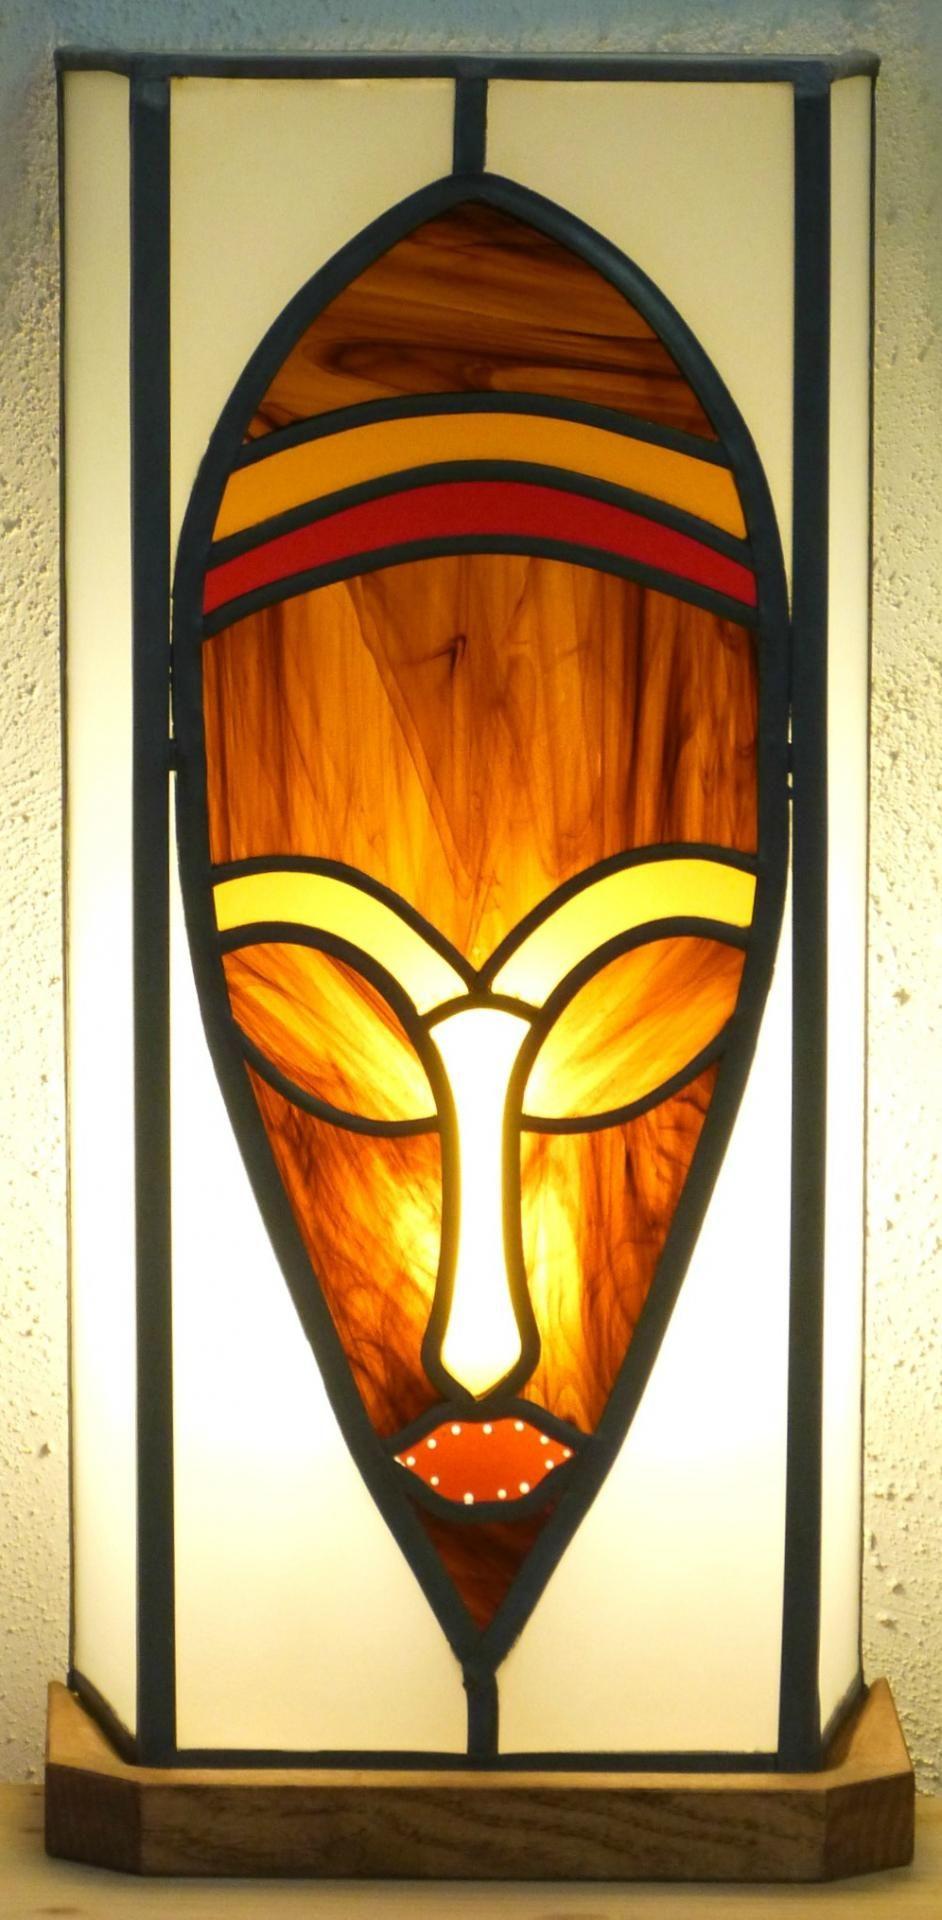 Lampe Vitrail Masque Ethnique Brun Chamarre Idees Pour La Maison